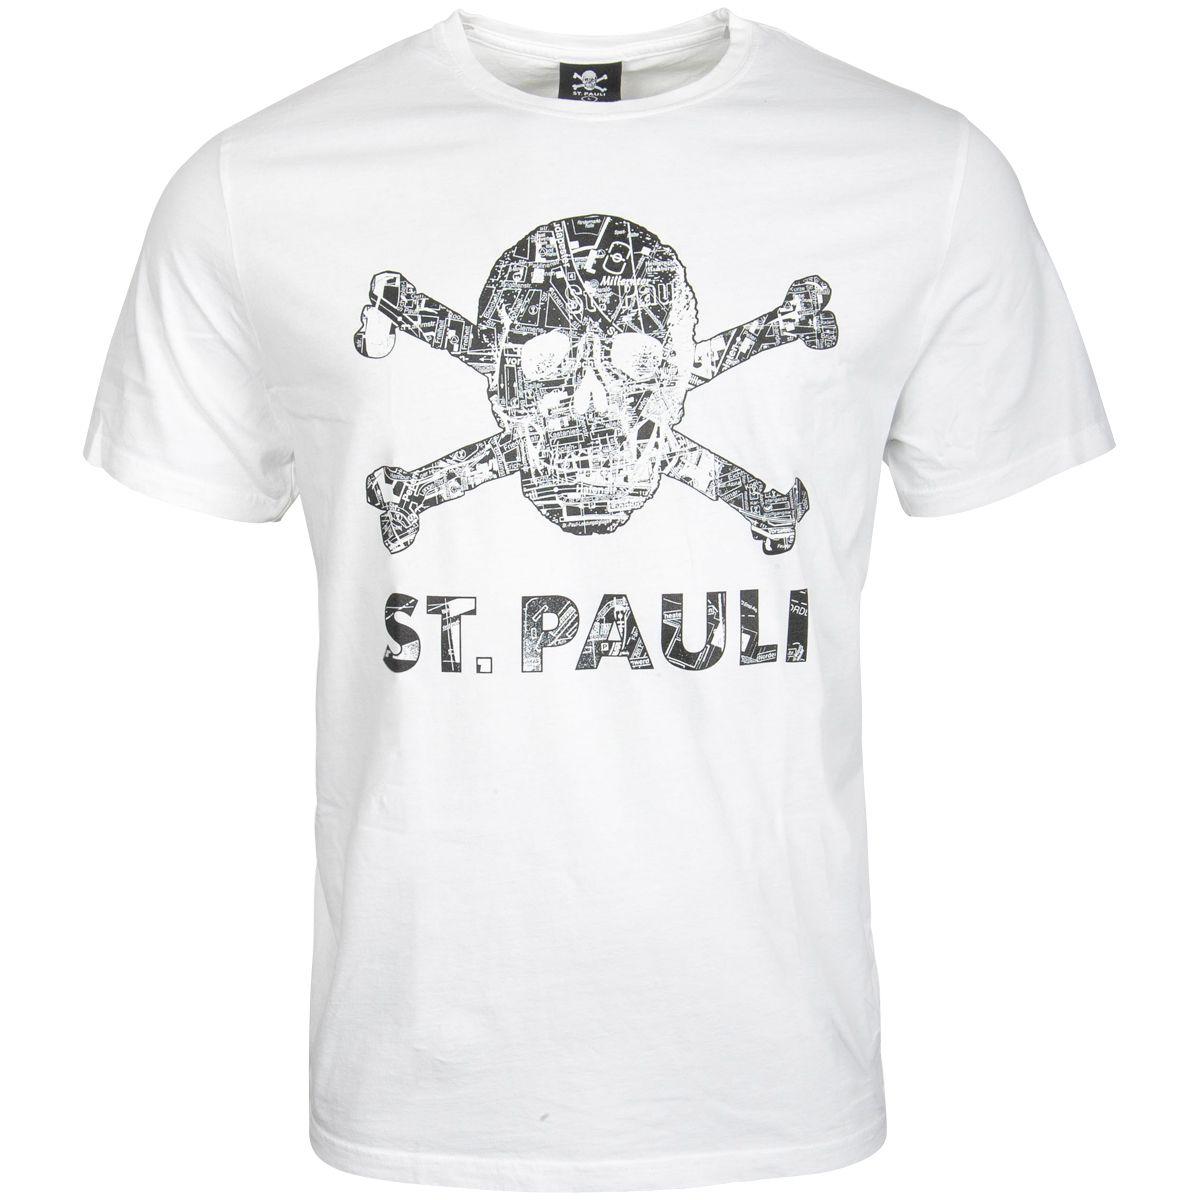 FC St. Pauli - T-Shirt Totenkopf Stadtplan Weiss-Schwarz - weiß